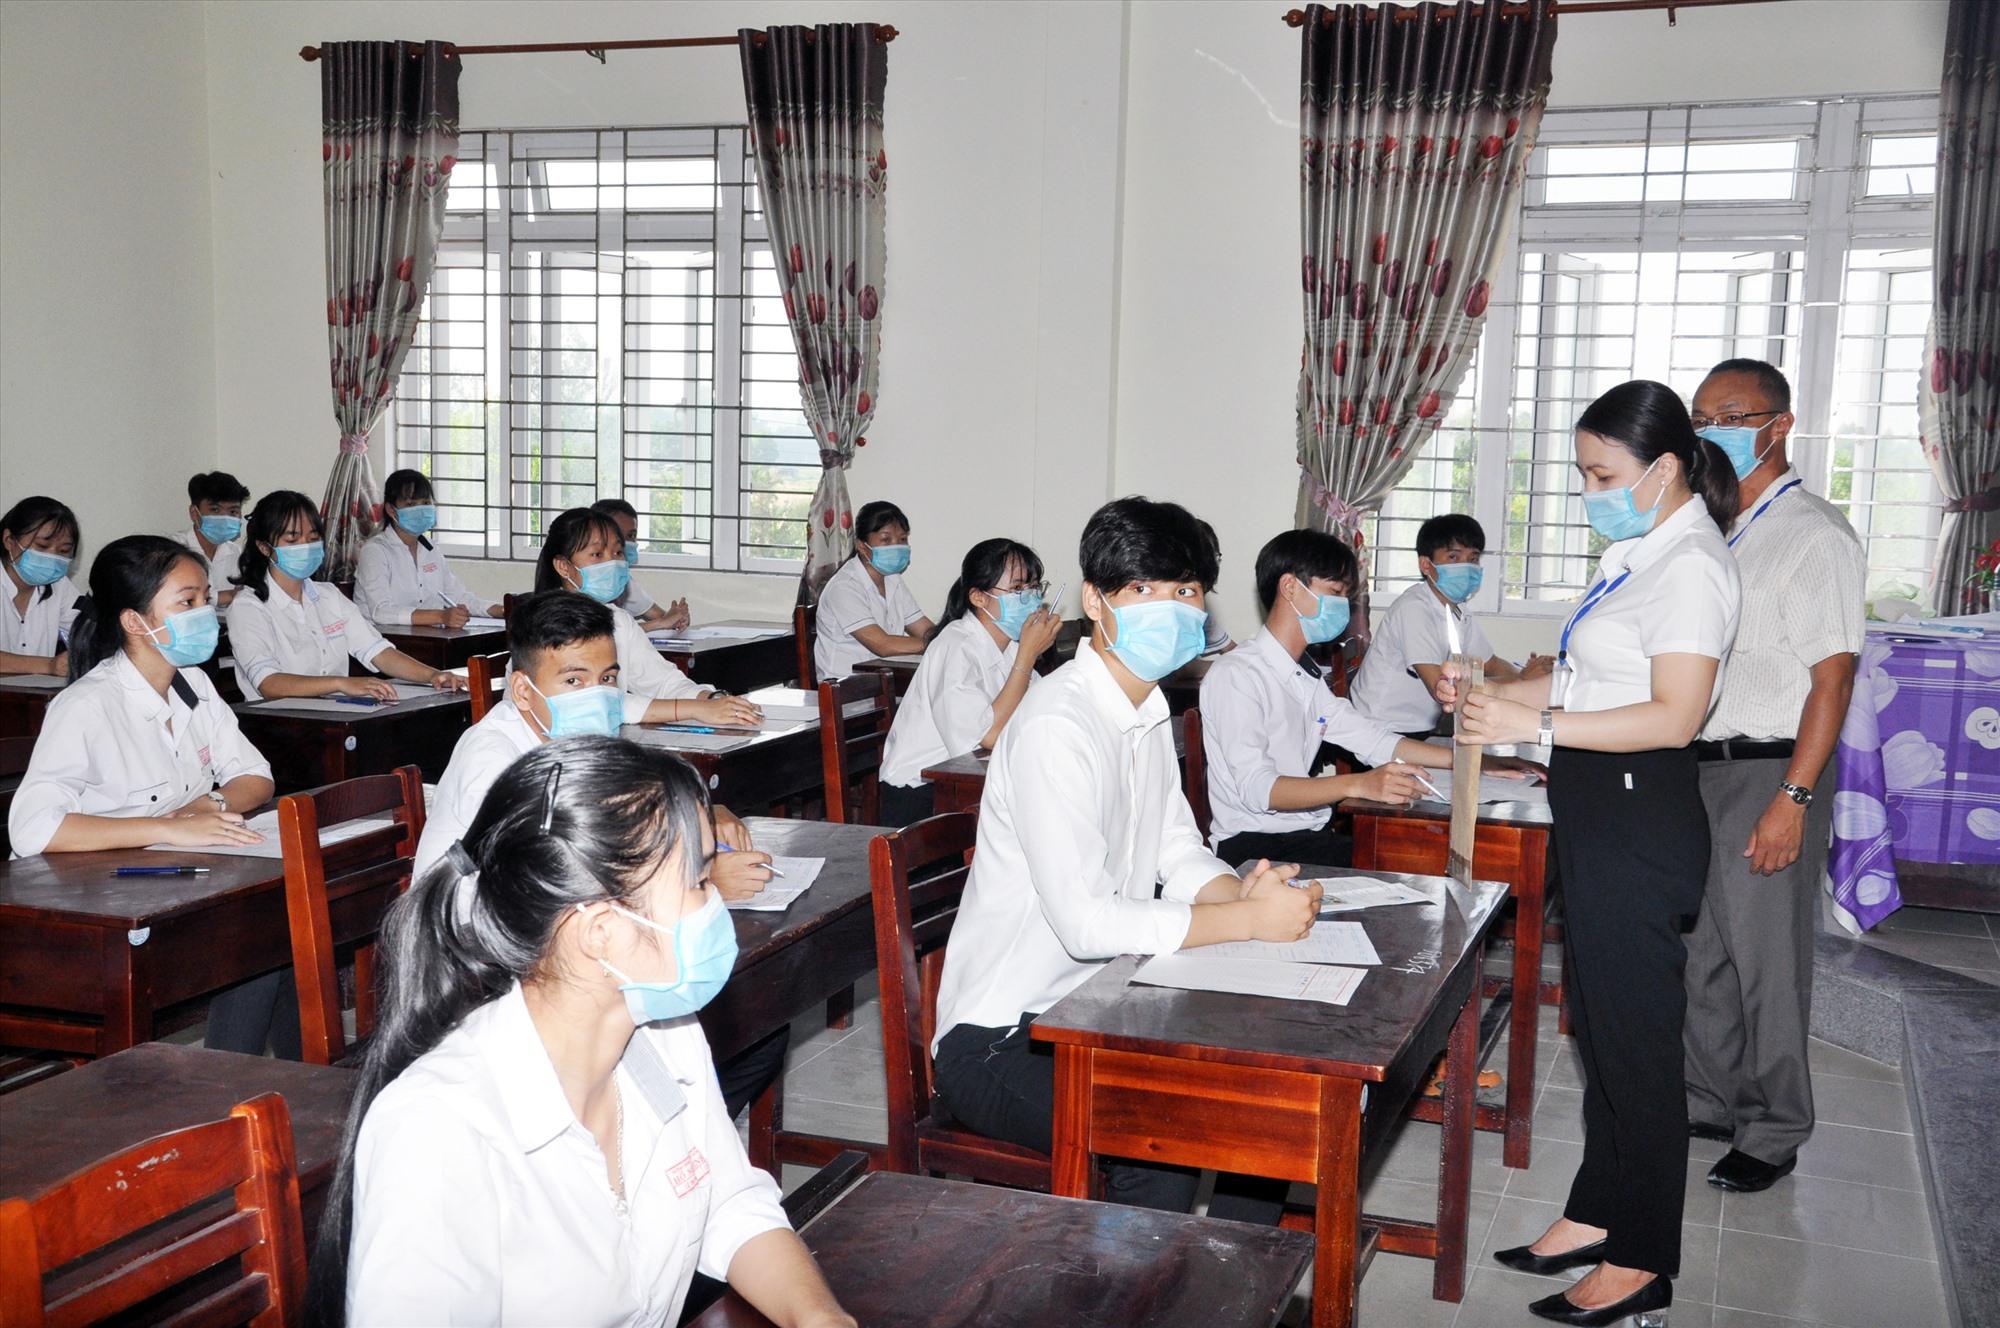 Phòng thi đảm bảo điều kiện, thực hiện giãn cách tại điểm thi Trường THPT Hồ Nghinh. Ảnh: X.P